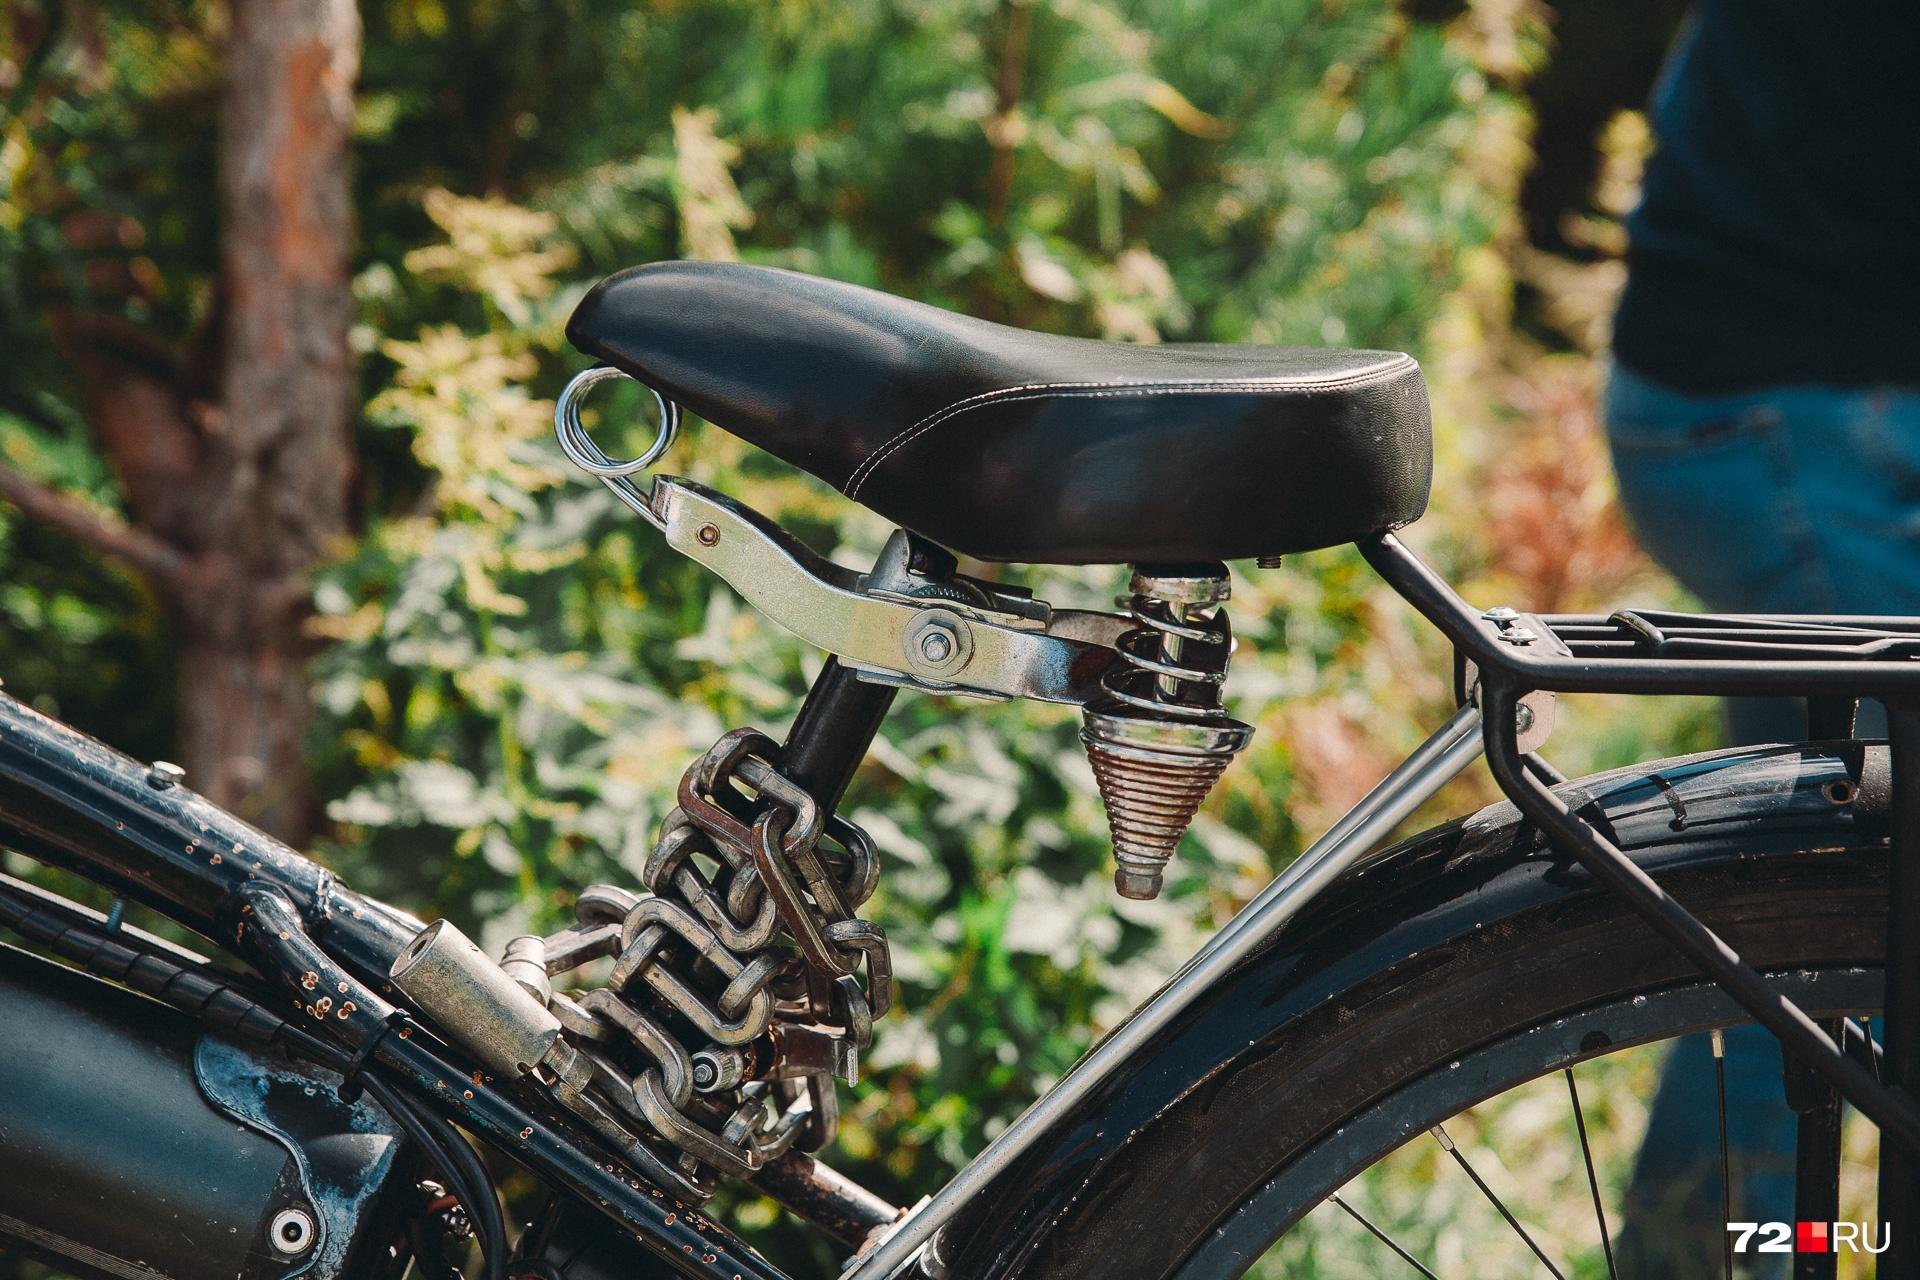 Эту самую цепь для парковки велосипеда пытаются раскурочить воры, но тщетно